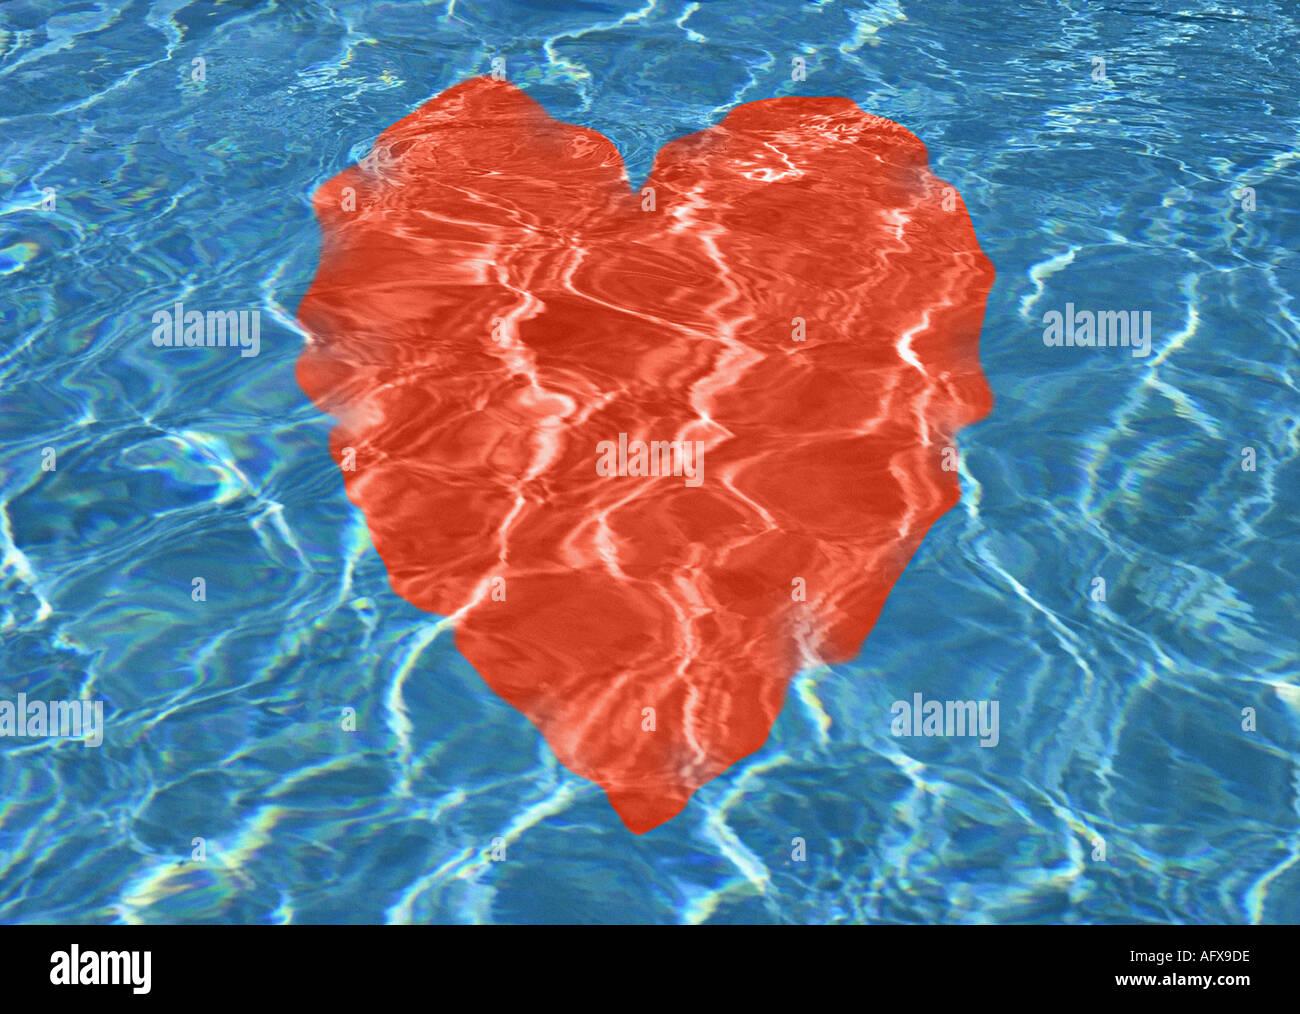 Rotes Herz unter Wasser Stockbild